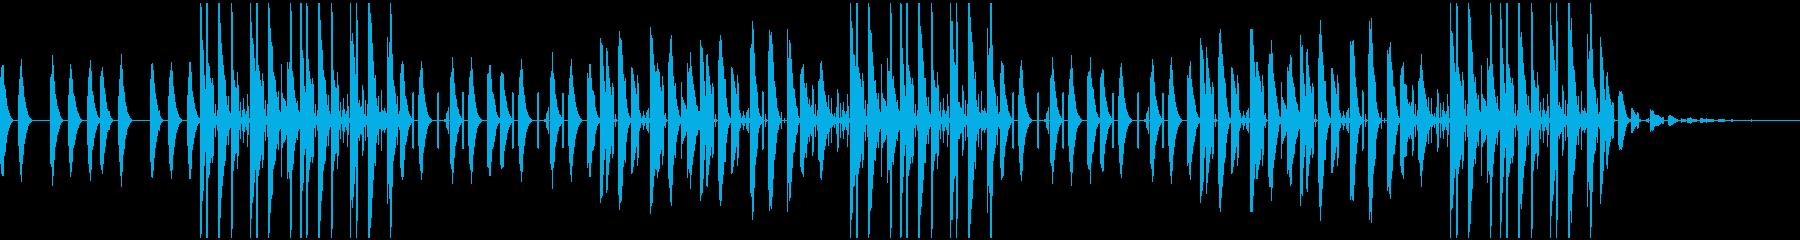 vlogおしゃれでチルなかわいい曲の再生済みの波形